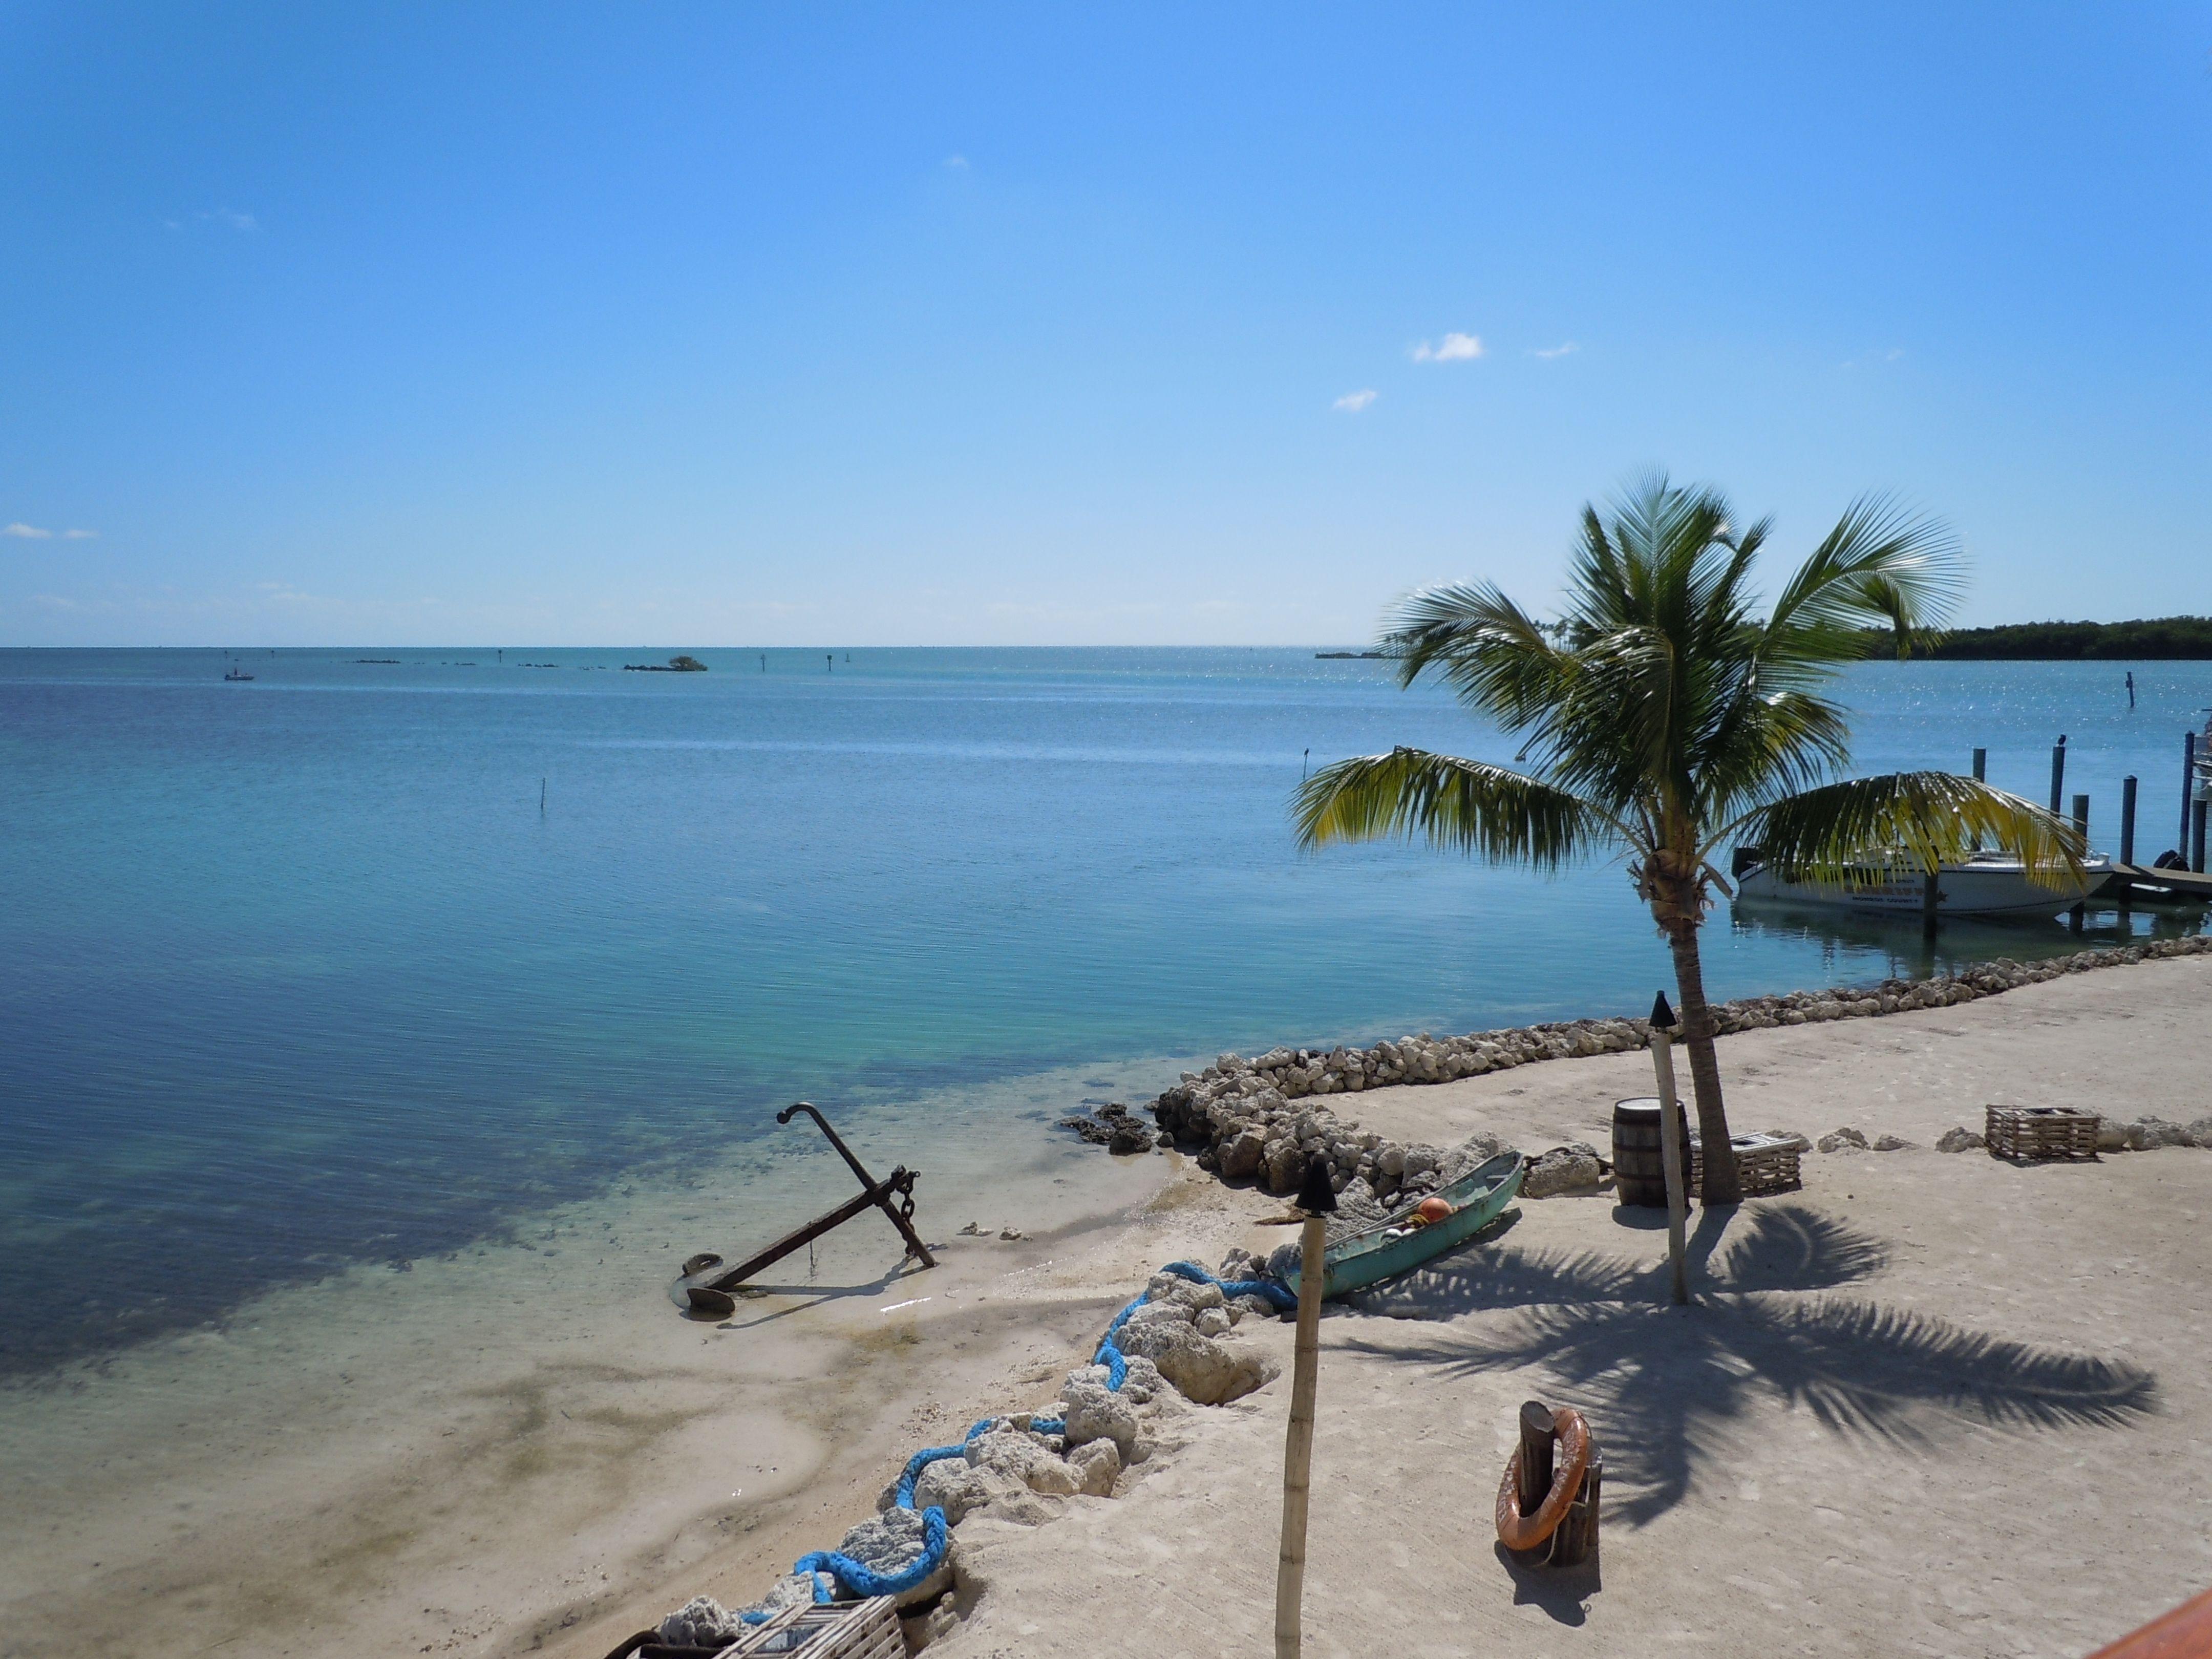 Islamorada Fl The Keys April Vacation Dream Vacations Vacation